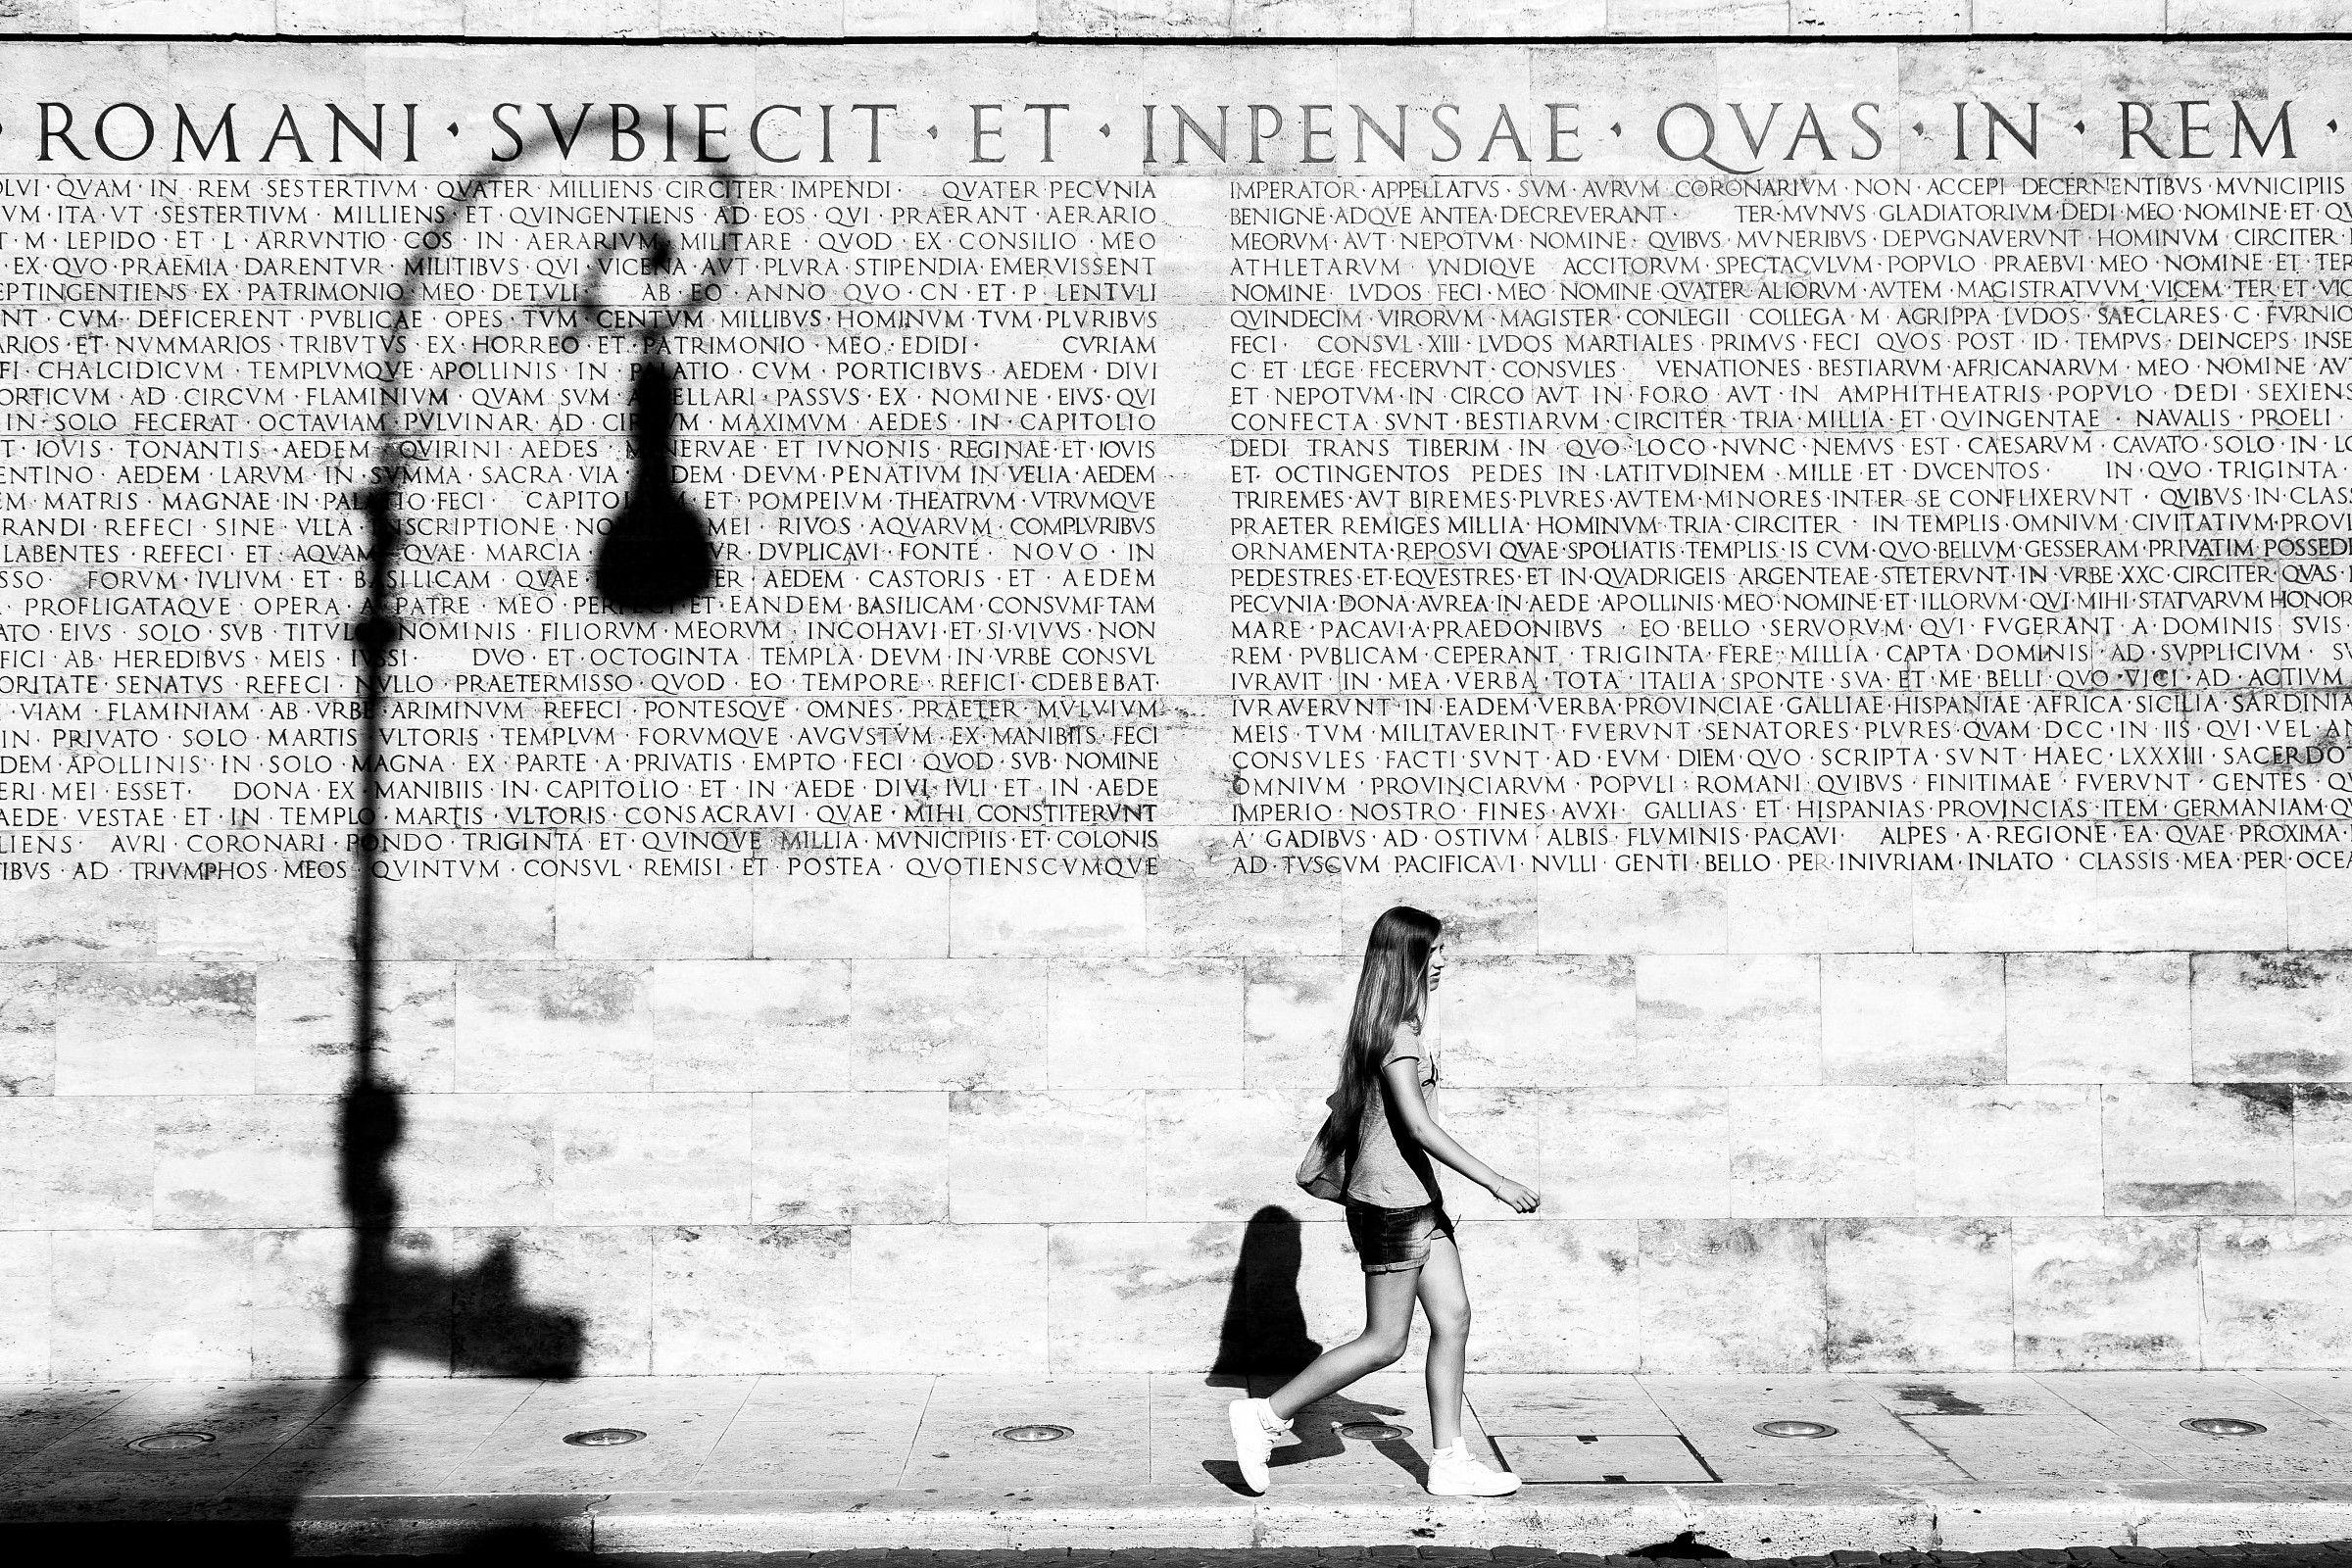 Roman subiecit inpensae et quas in rem...